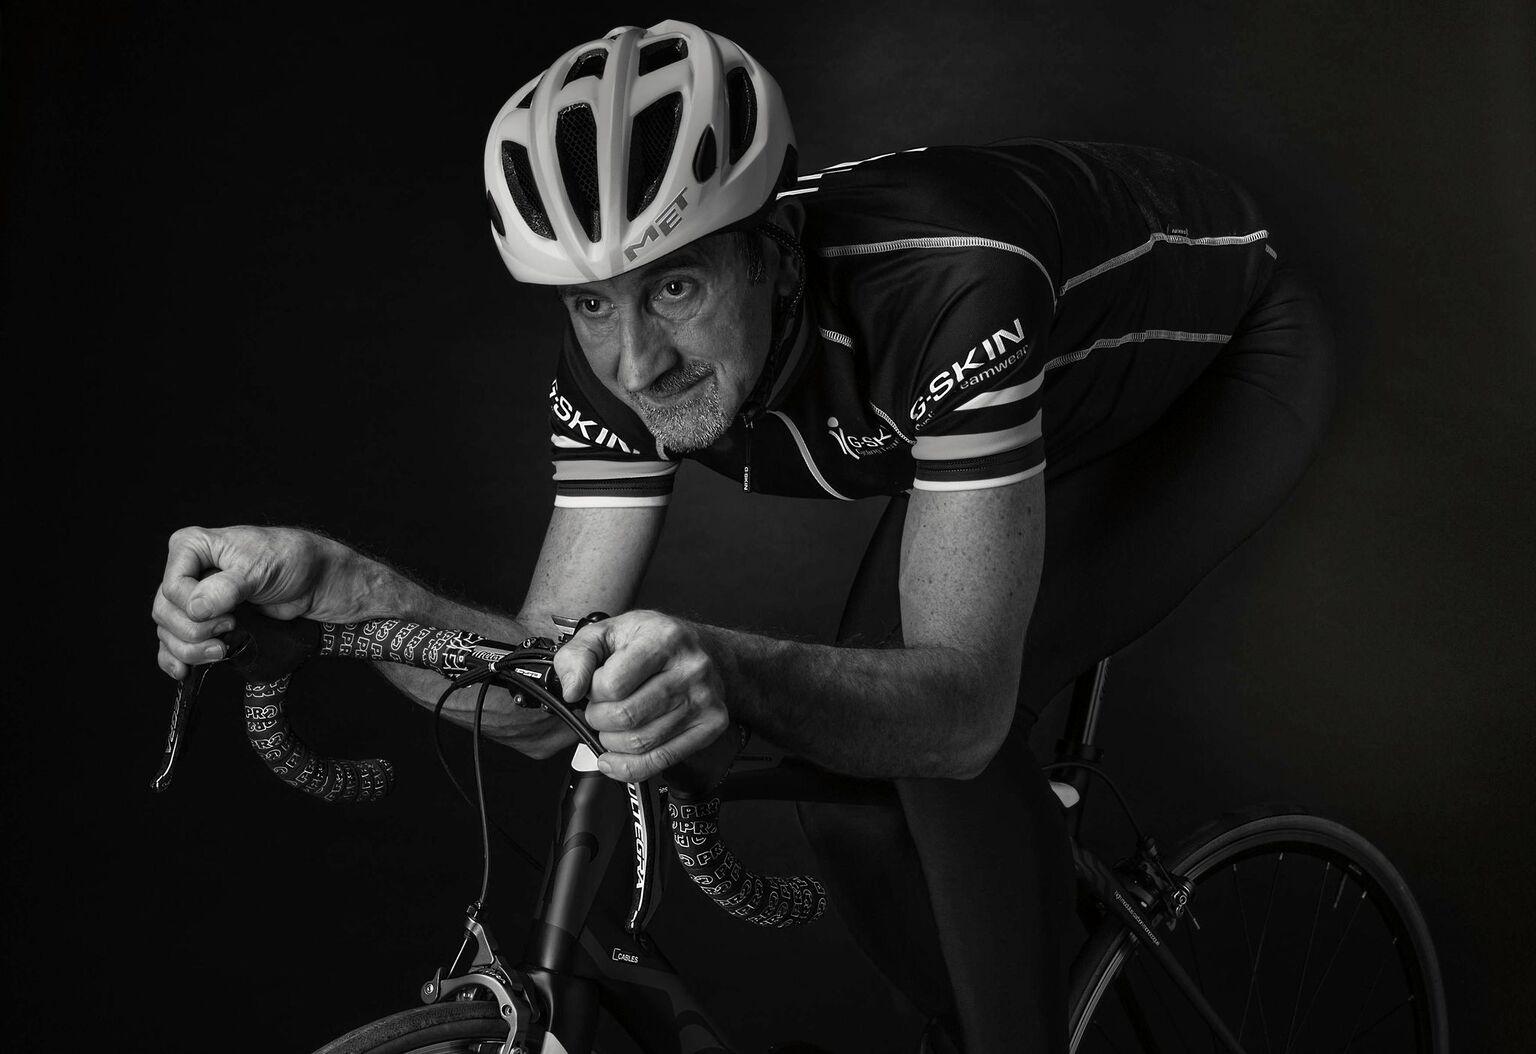 Photography - zelfportret - foto door focuscabrio op 14-04-2021 - locatie: Gent, België - deze foto bevat: fietshelm, fiets, helm, fietsen - uitrusting en benodigdheden, sport uniform, fietsshirt, fietsbroek, handschoen, fietsstuur, korte broek